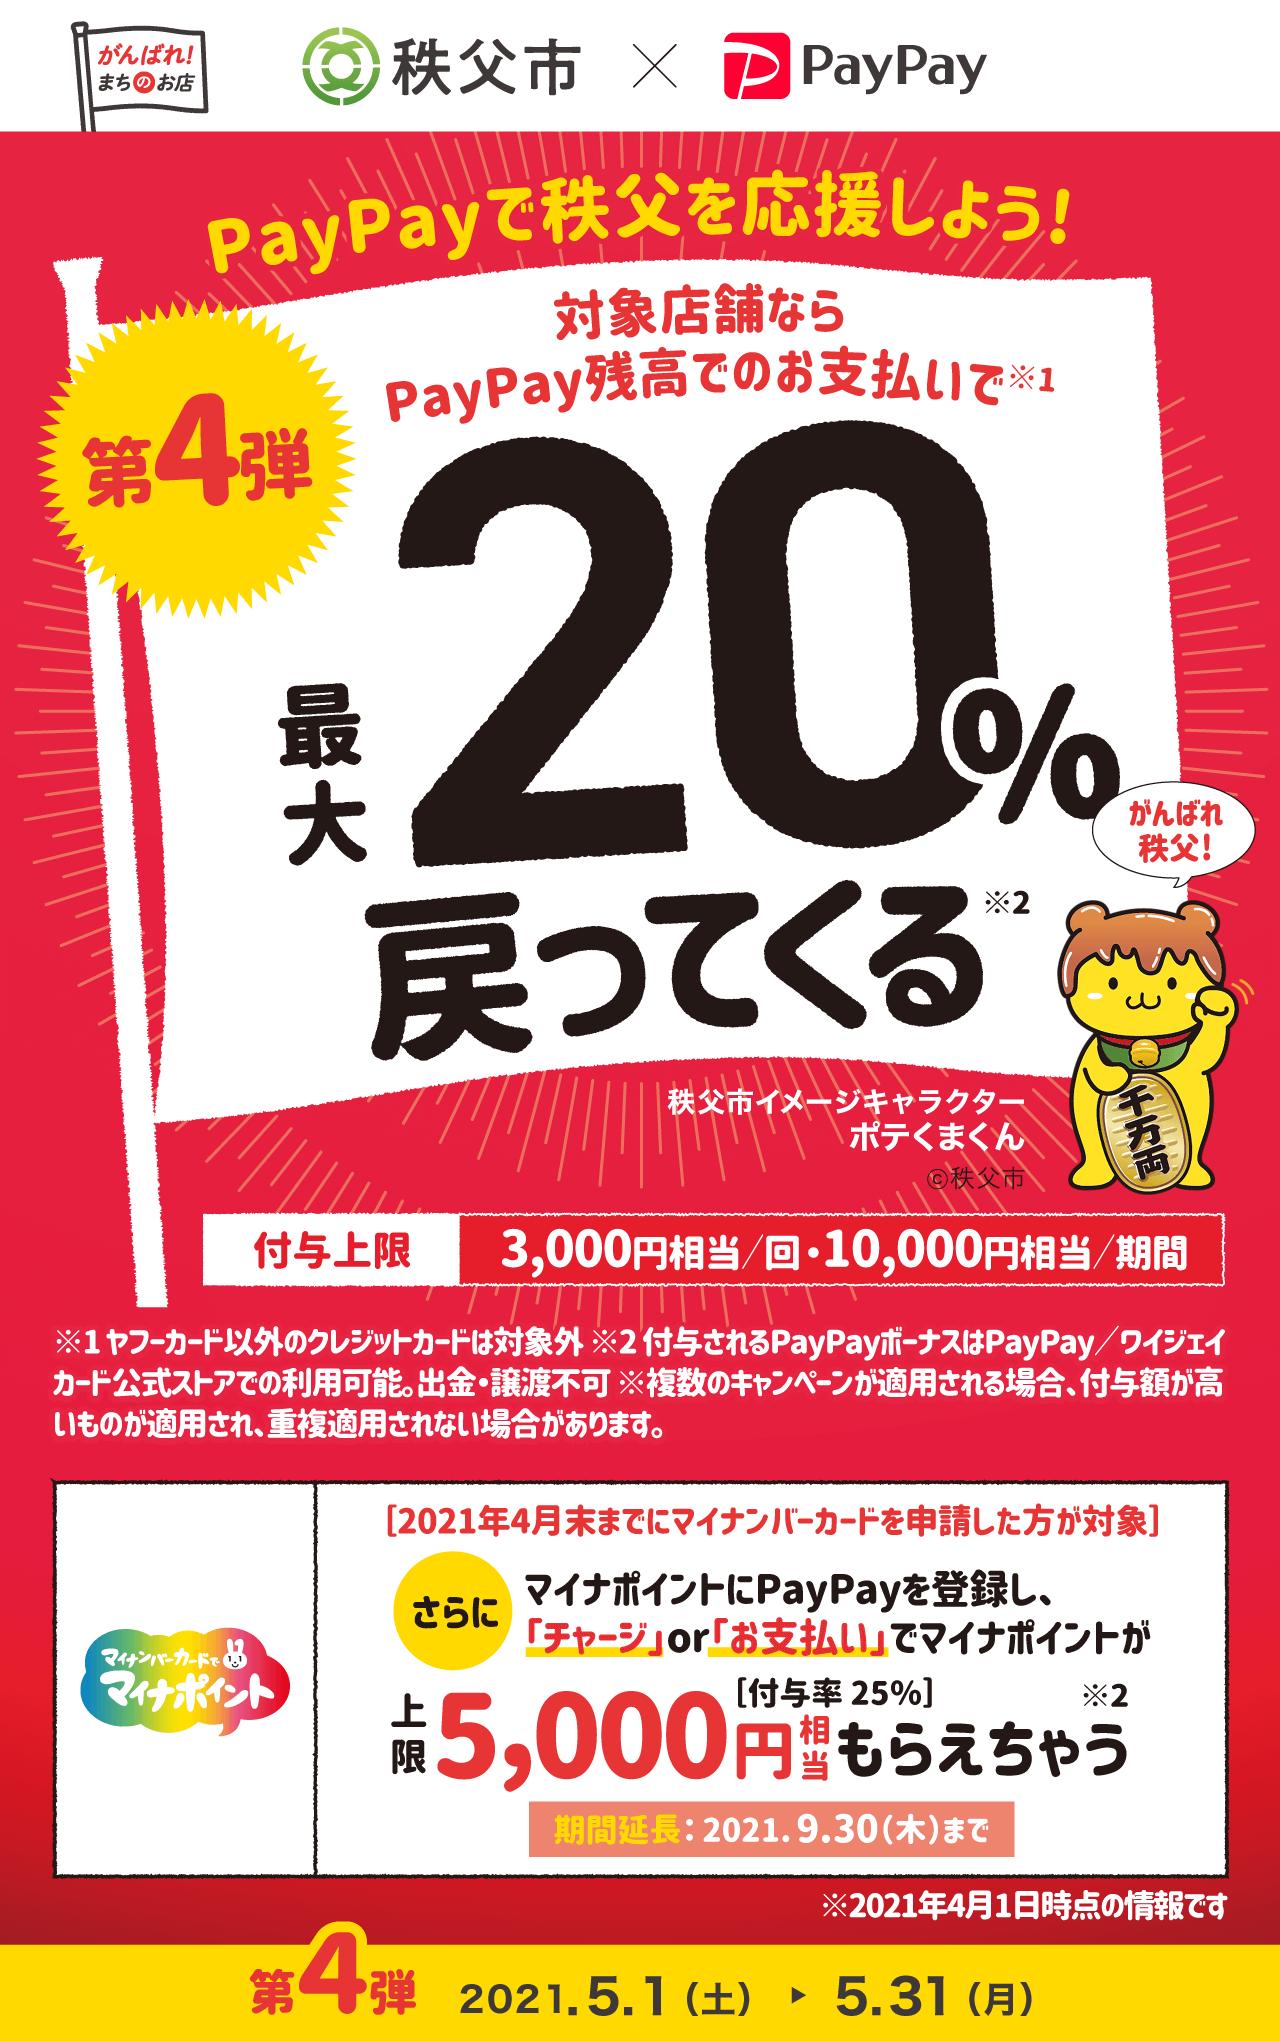 PayPayで秩父を応援しよう! 第4弾 対象店舗ならPayPay残高でのお支払いで最大20%戻ってくる